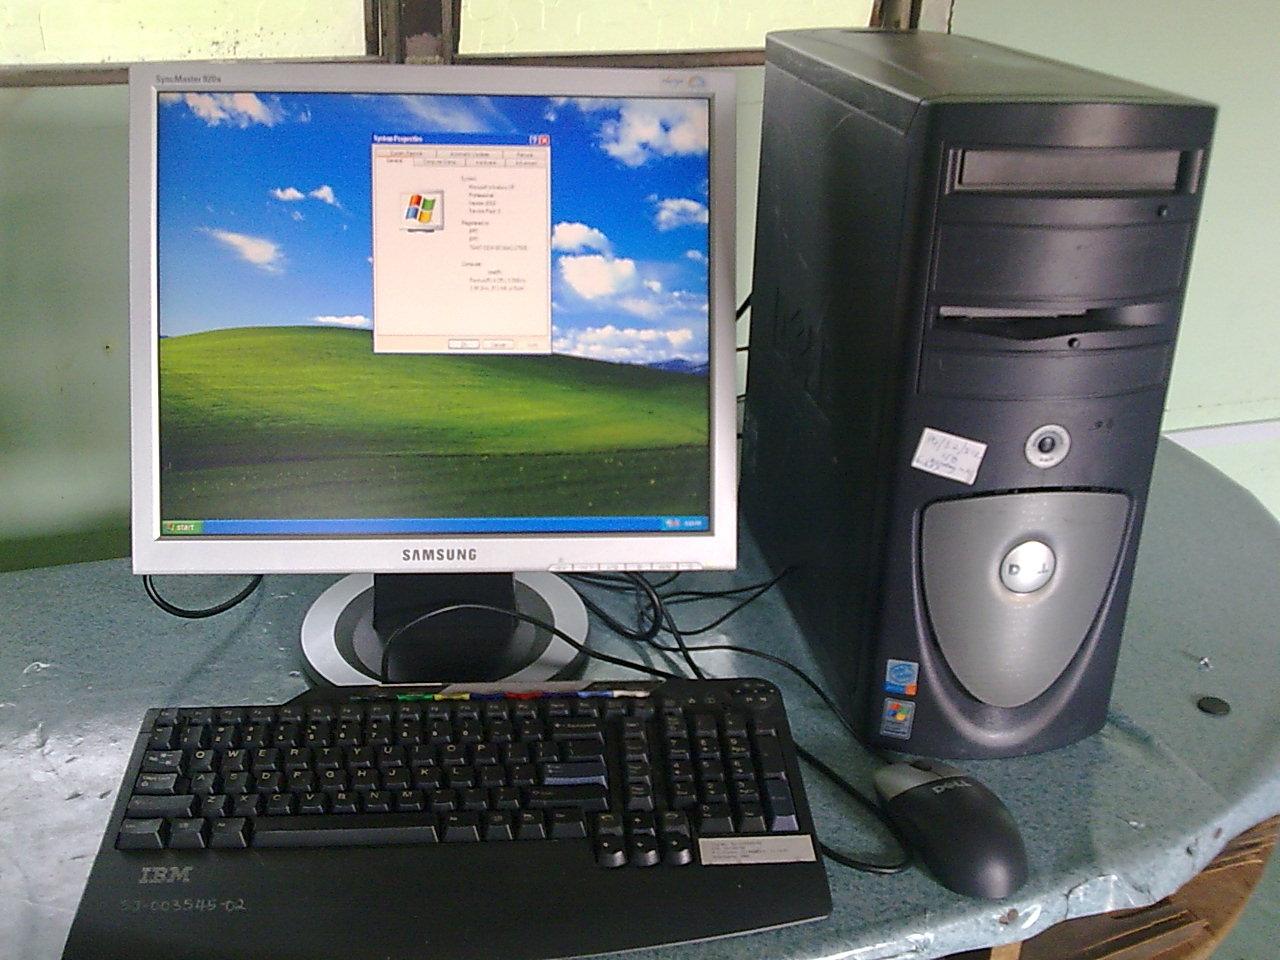 mencari komputer murah? kami membekal dan menjual komputer terpakai menawarkan harga yang murah di Malaysia. Stor kami berada di Tg Karang selangor. Di dalam gambar ini ialah set komputer Dell bersama LCD Monitor samsung 17'. Sila datang ke stor kami di batu 8 1/2, Jalan bernam, 45500, Tg Karang.